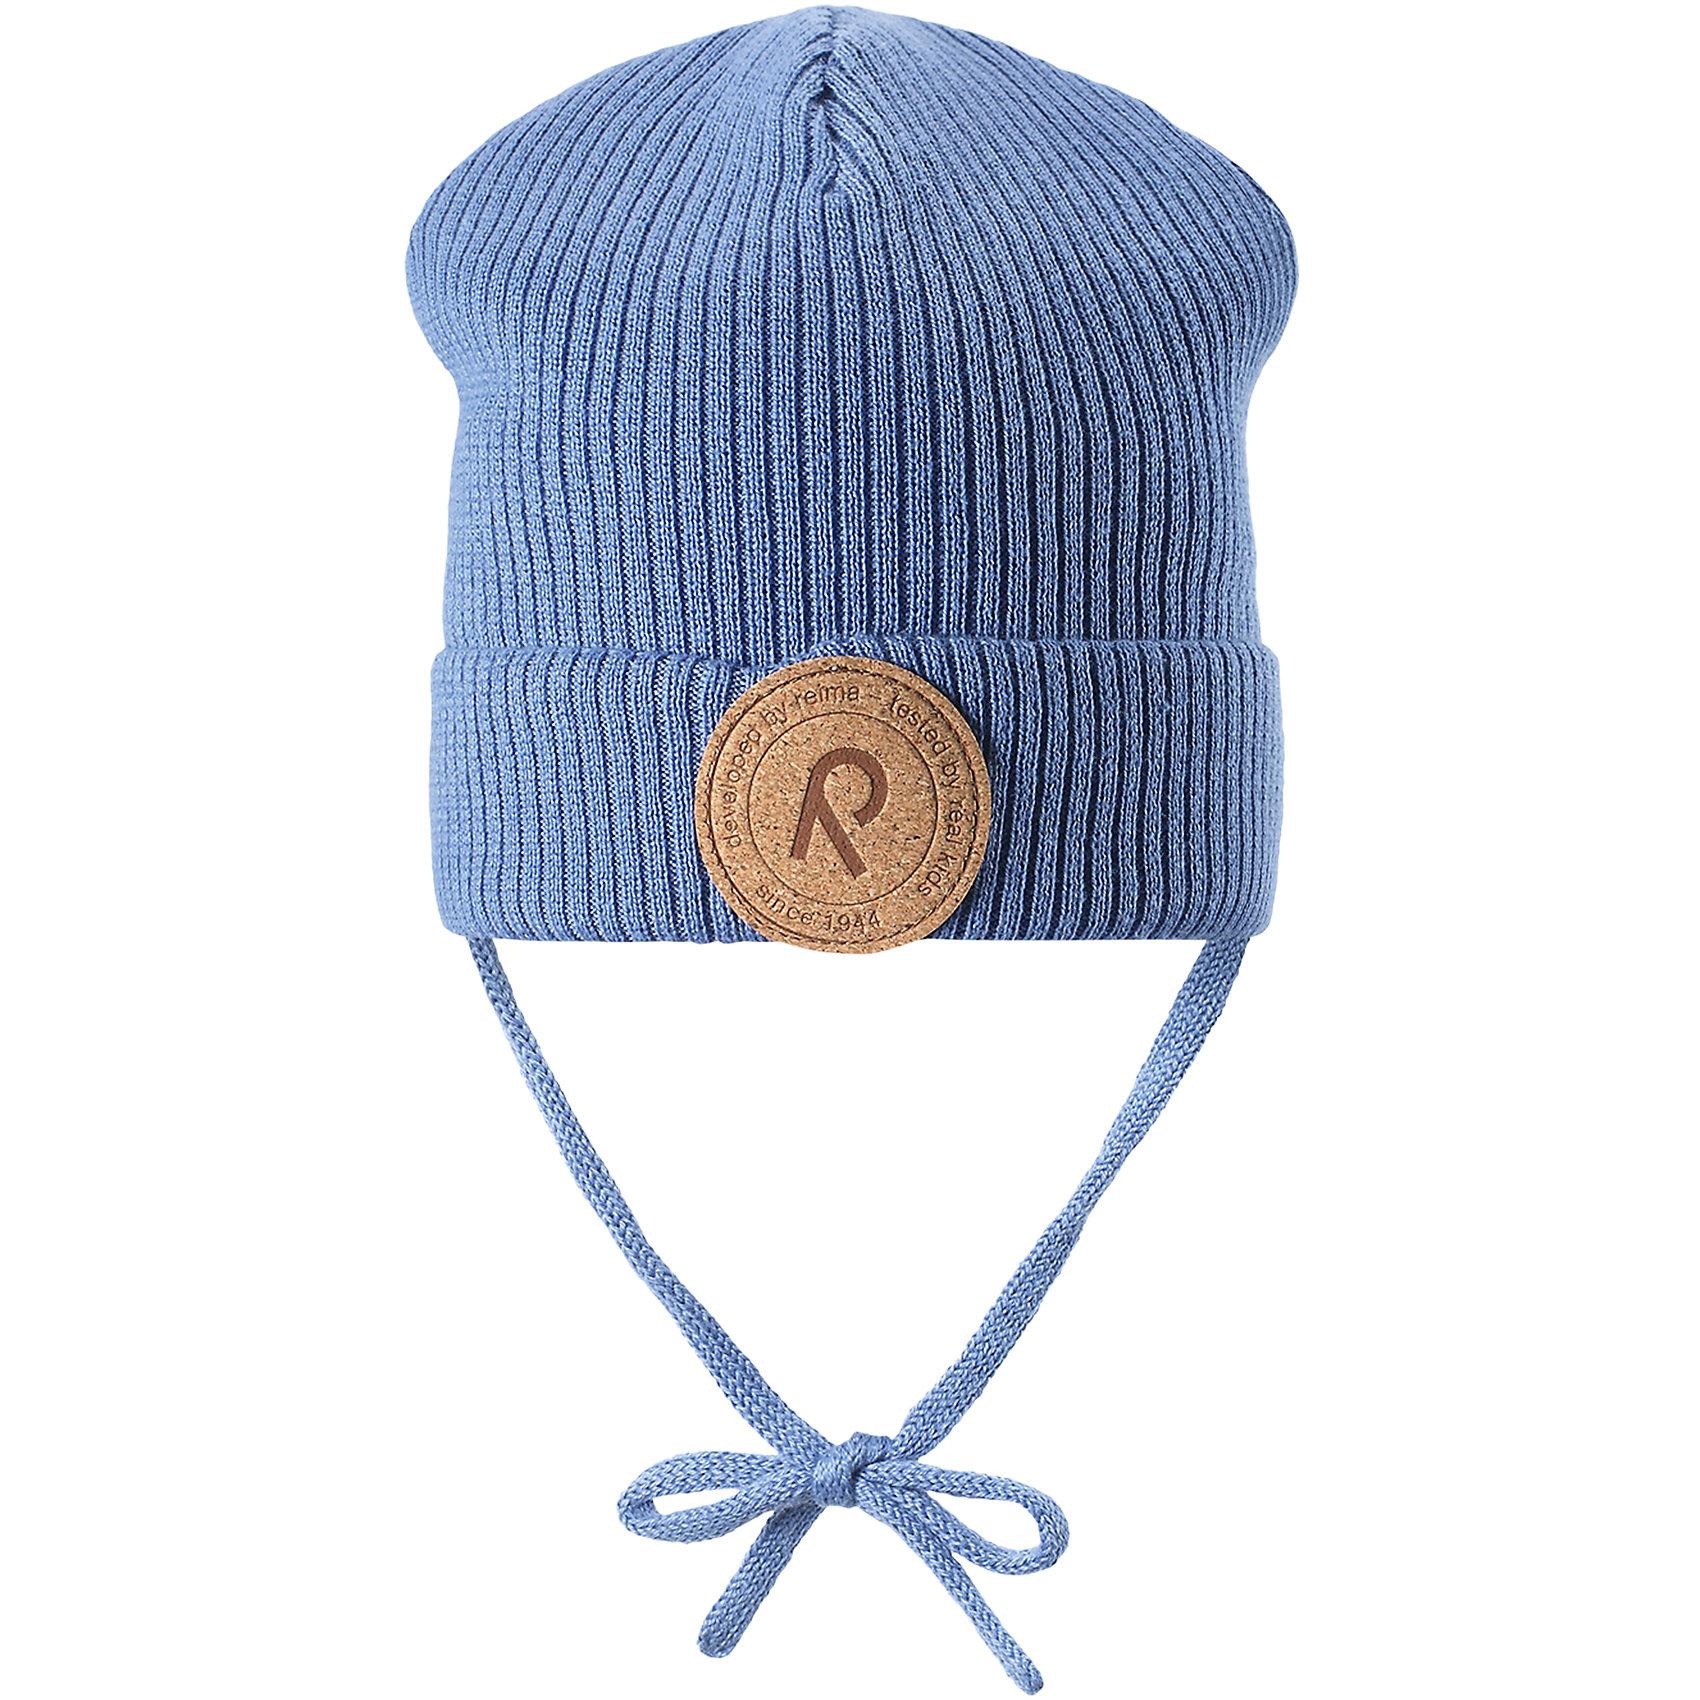 Шапка Meri для мальчика ReimaШапки и шарфы<br>Характеристики товара:<br><br>• цвет: голубой<br>• состав: 100% хлопок<br>• сплошная подкладка из хлопкового трикотажа<br>• температурный режим: от 0С до +10С<br>• эластичный хлопковый трикотаж<br>• изделие сертифицированно по стандарту Oeko-Tex на продукцию класса 1 - одежда для новорождённых<br>• завязки во всех размерах<br>• эмблема Reima спереди<br>• страна бренда: Финляндия<br>• страна производства: Китай<br><br>Детский головной убор может быть модным и удобным одновременно! Стильная шапка поможет обеспечить ребенку комфорт и дополнить наряд.Шапка удобно сидит и аккуратно выглядит. Проста в уходе, долго служит. Стильный дизайн разрабатывался специально для детей. Отличная защита от дождя и ветра!<br><br>Уход:<br><br>• стирать по отдельности, вывернув наизнанку<br>• придать первоначальную форму вo влажном виде<br>• возможна усадка 5 %.<br><br>Шапку для мальчика от финского бренда Reima (Рейма) можно купить в нашем интернет-магазине.<br><br>Ширина мм: 89<br>Глубина мм: 117<br>Высота мм: 44<br>Вес г: 155<br>Цвет: синий<br>Возраст от месяцев: 6<br>Возраст до месяцев: 9<br>Пол: Мужской<br>Возраст: Детский<br>Размер: 46,52,48,50<br>SKU: 5270859